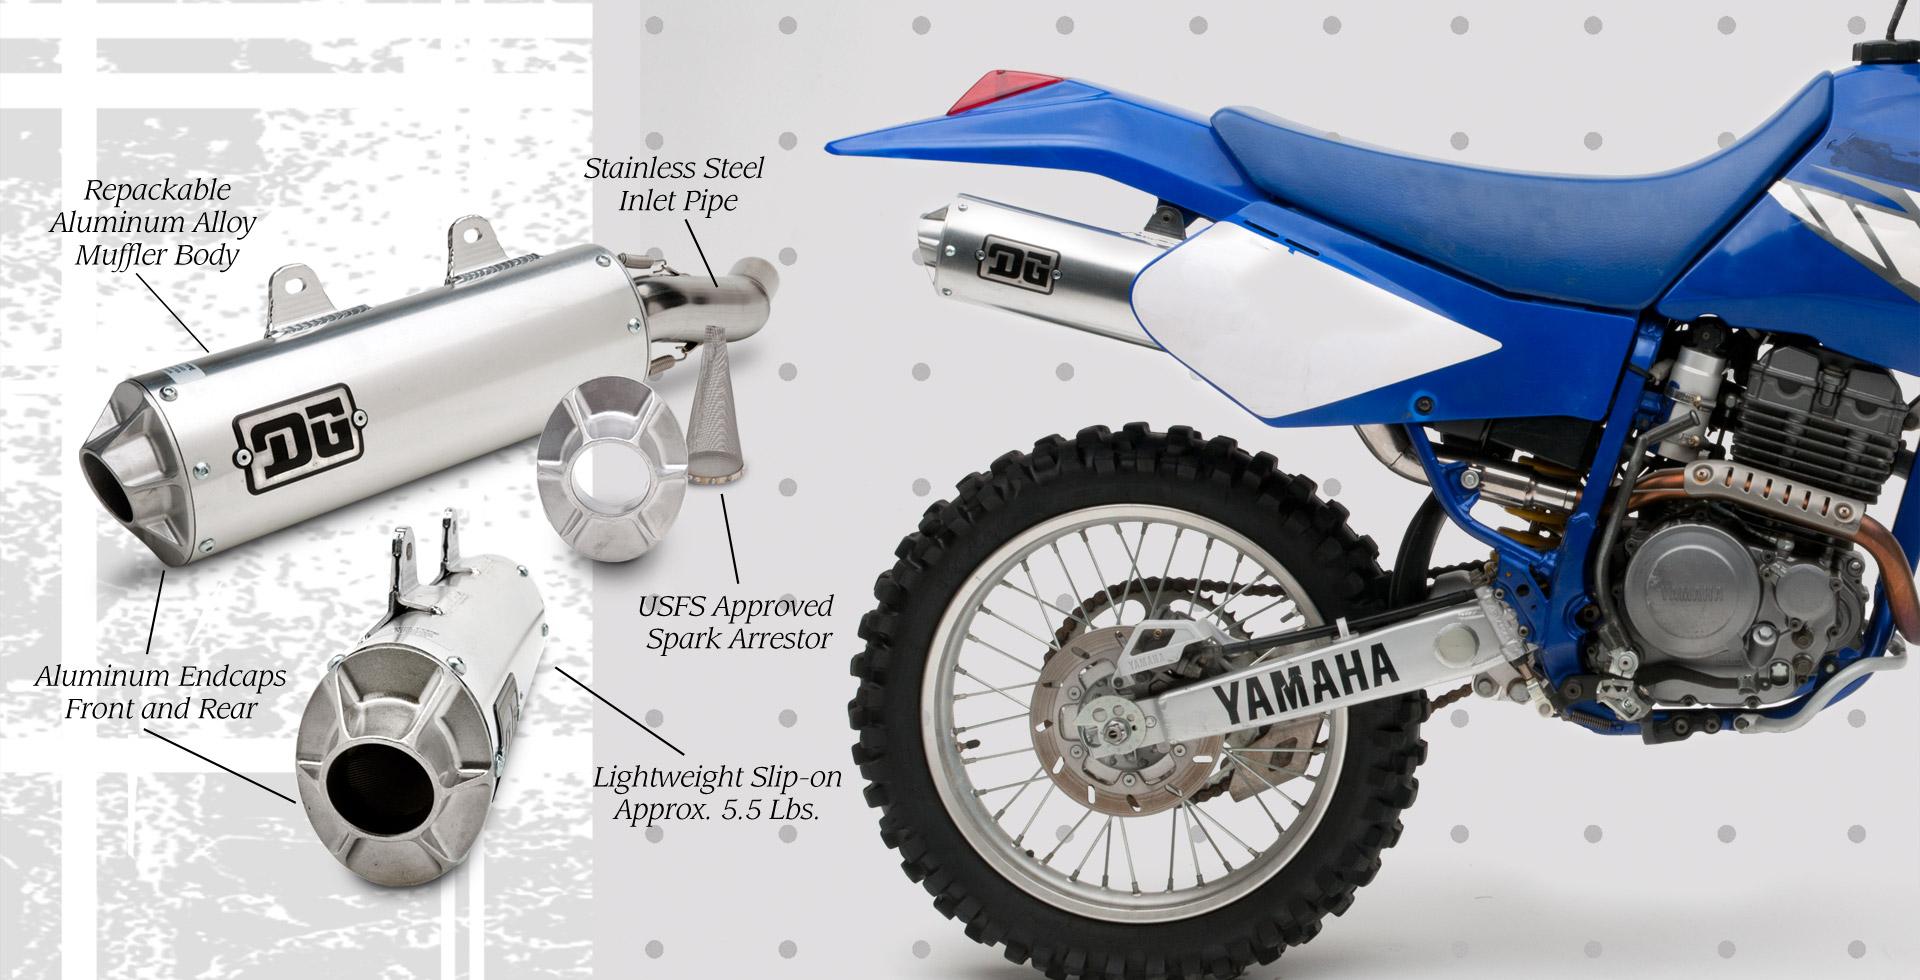 DG Yamaha Tri Moto 225 RCM Exhaust Pipe Muffler; 04-4103